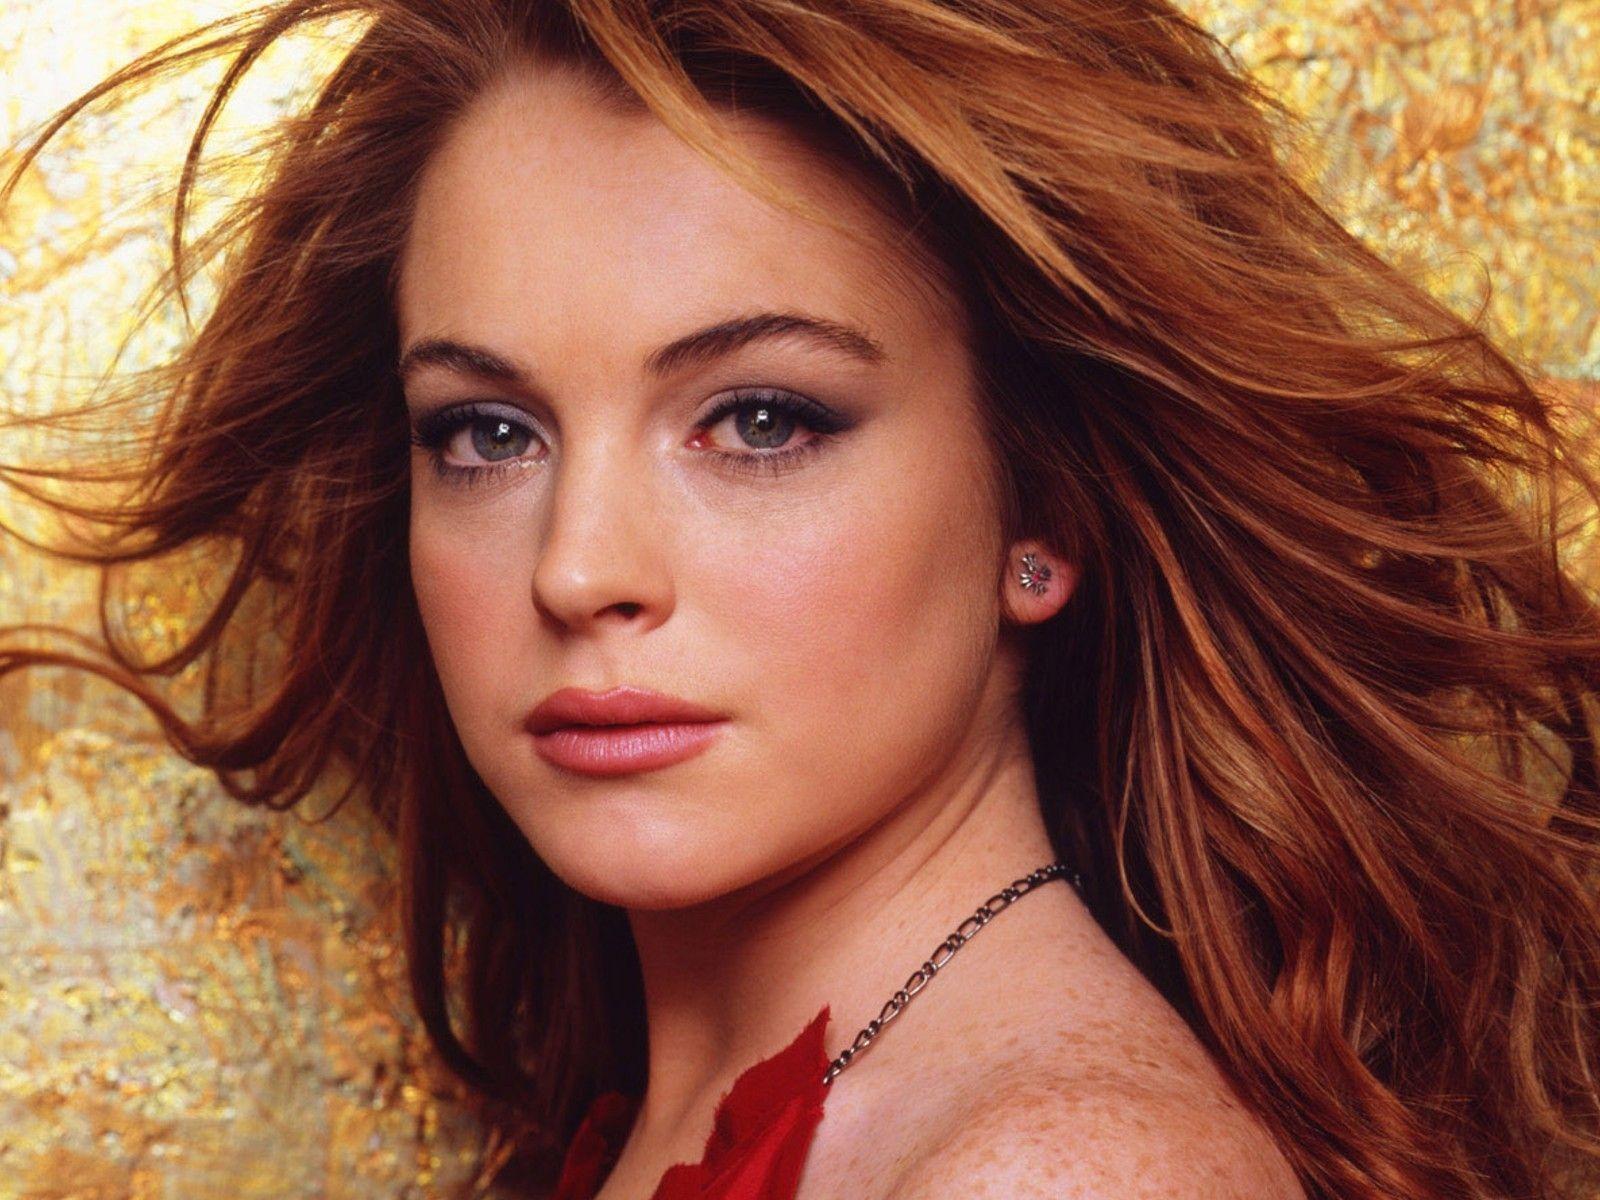 http://2.bp.blogspot.com/-3_0wf54QtHM/UNyZ8SuPksI/AAAAAAAABuU/jFly2_YKA-I/s1600/Beautiful-Lindsay-Lohan.jpg